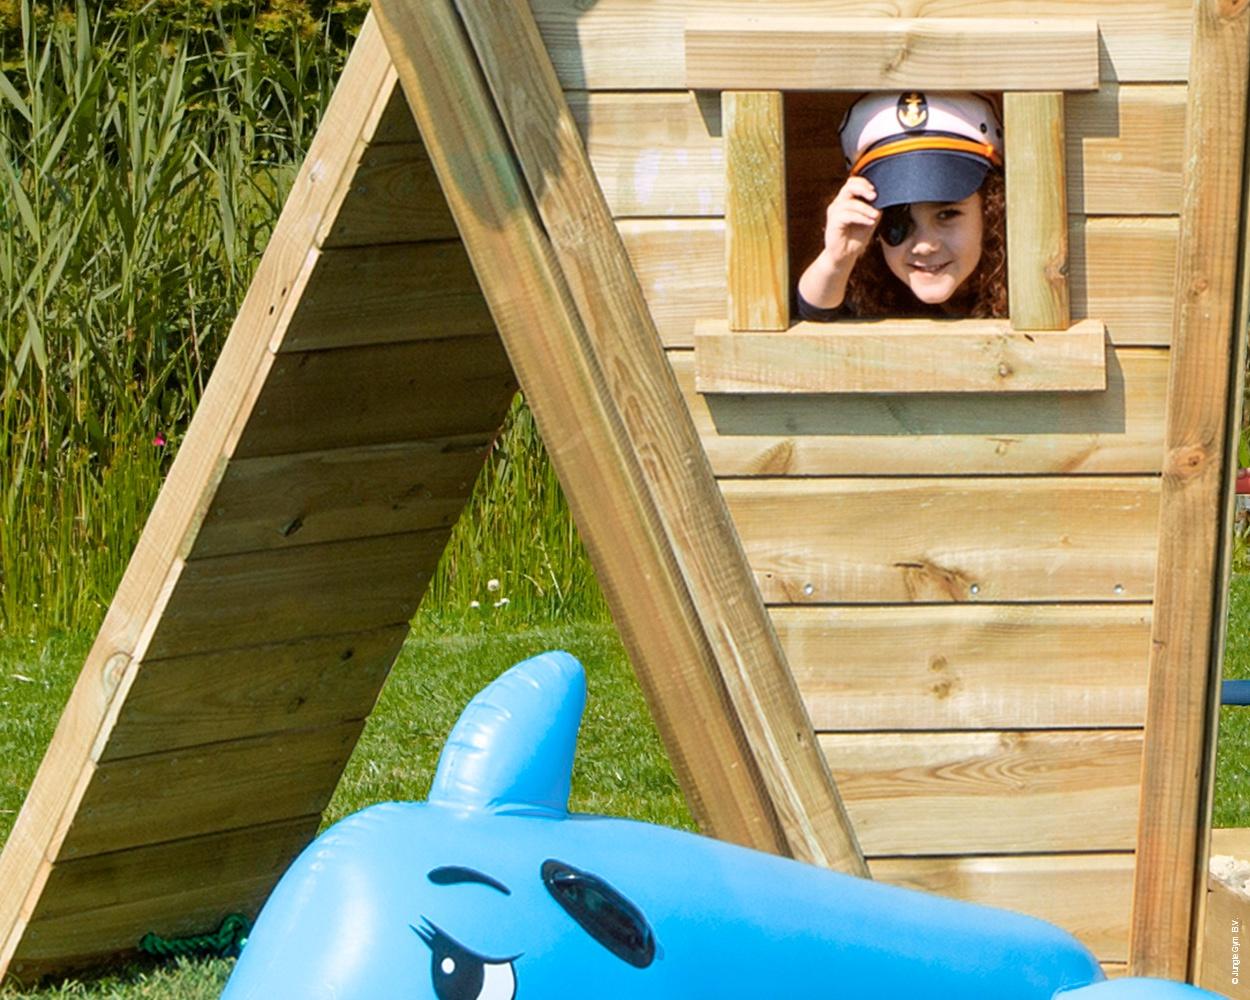 anbaumodul boat jungle gym f r den privatgarten. Black Bedroom Furniture Sets. Home Design Ideas